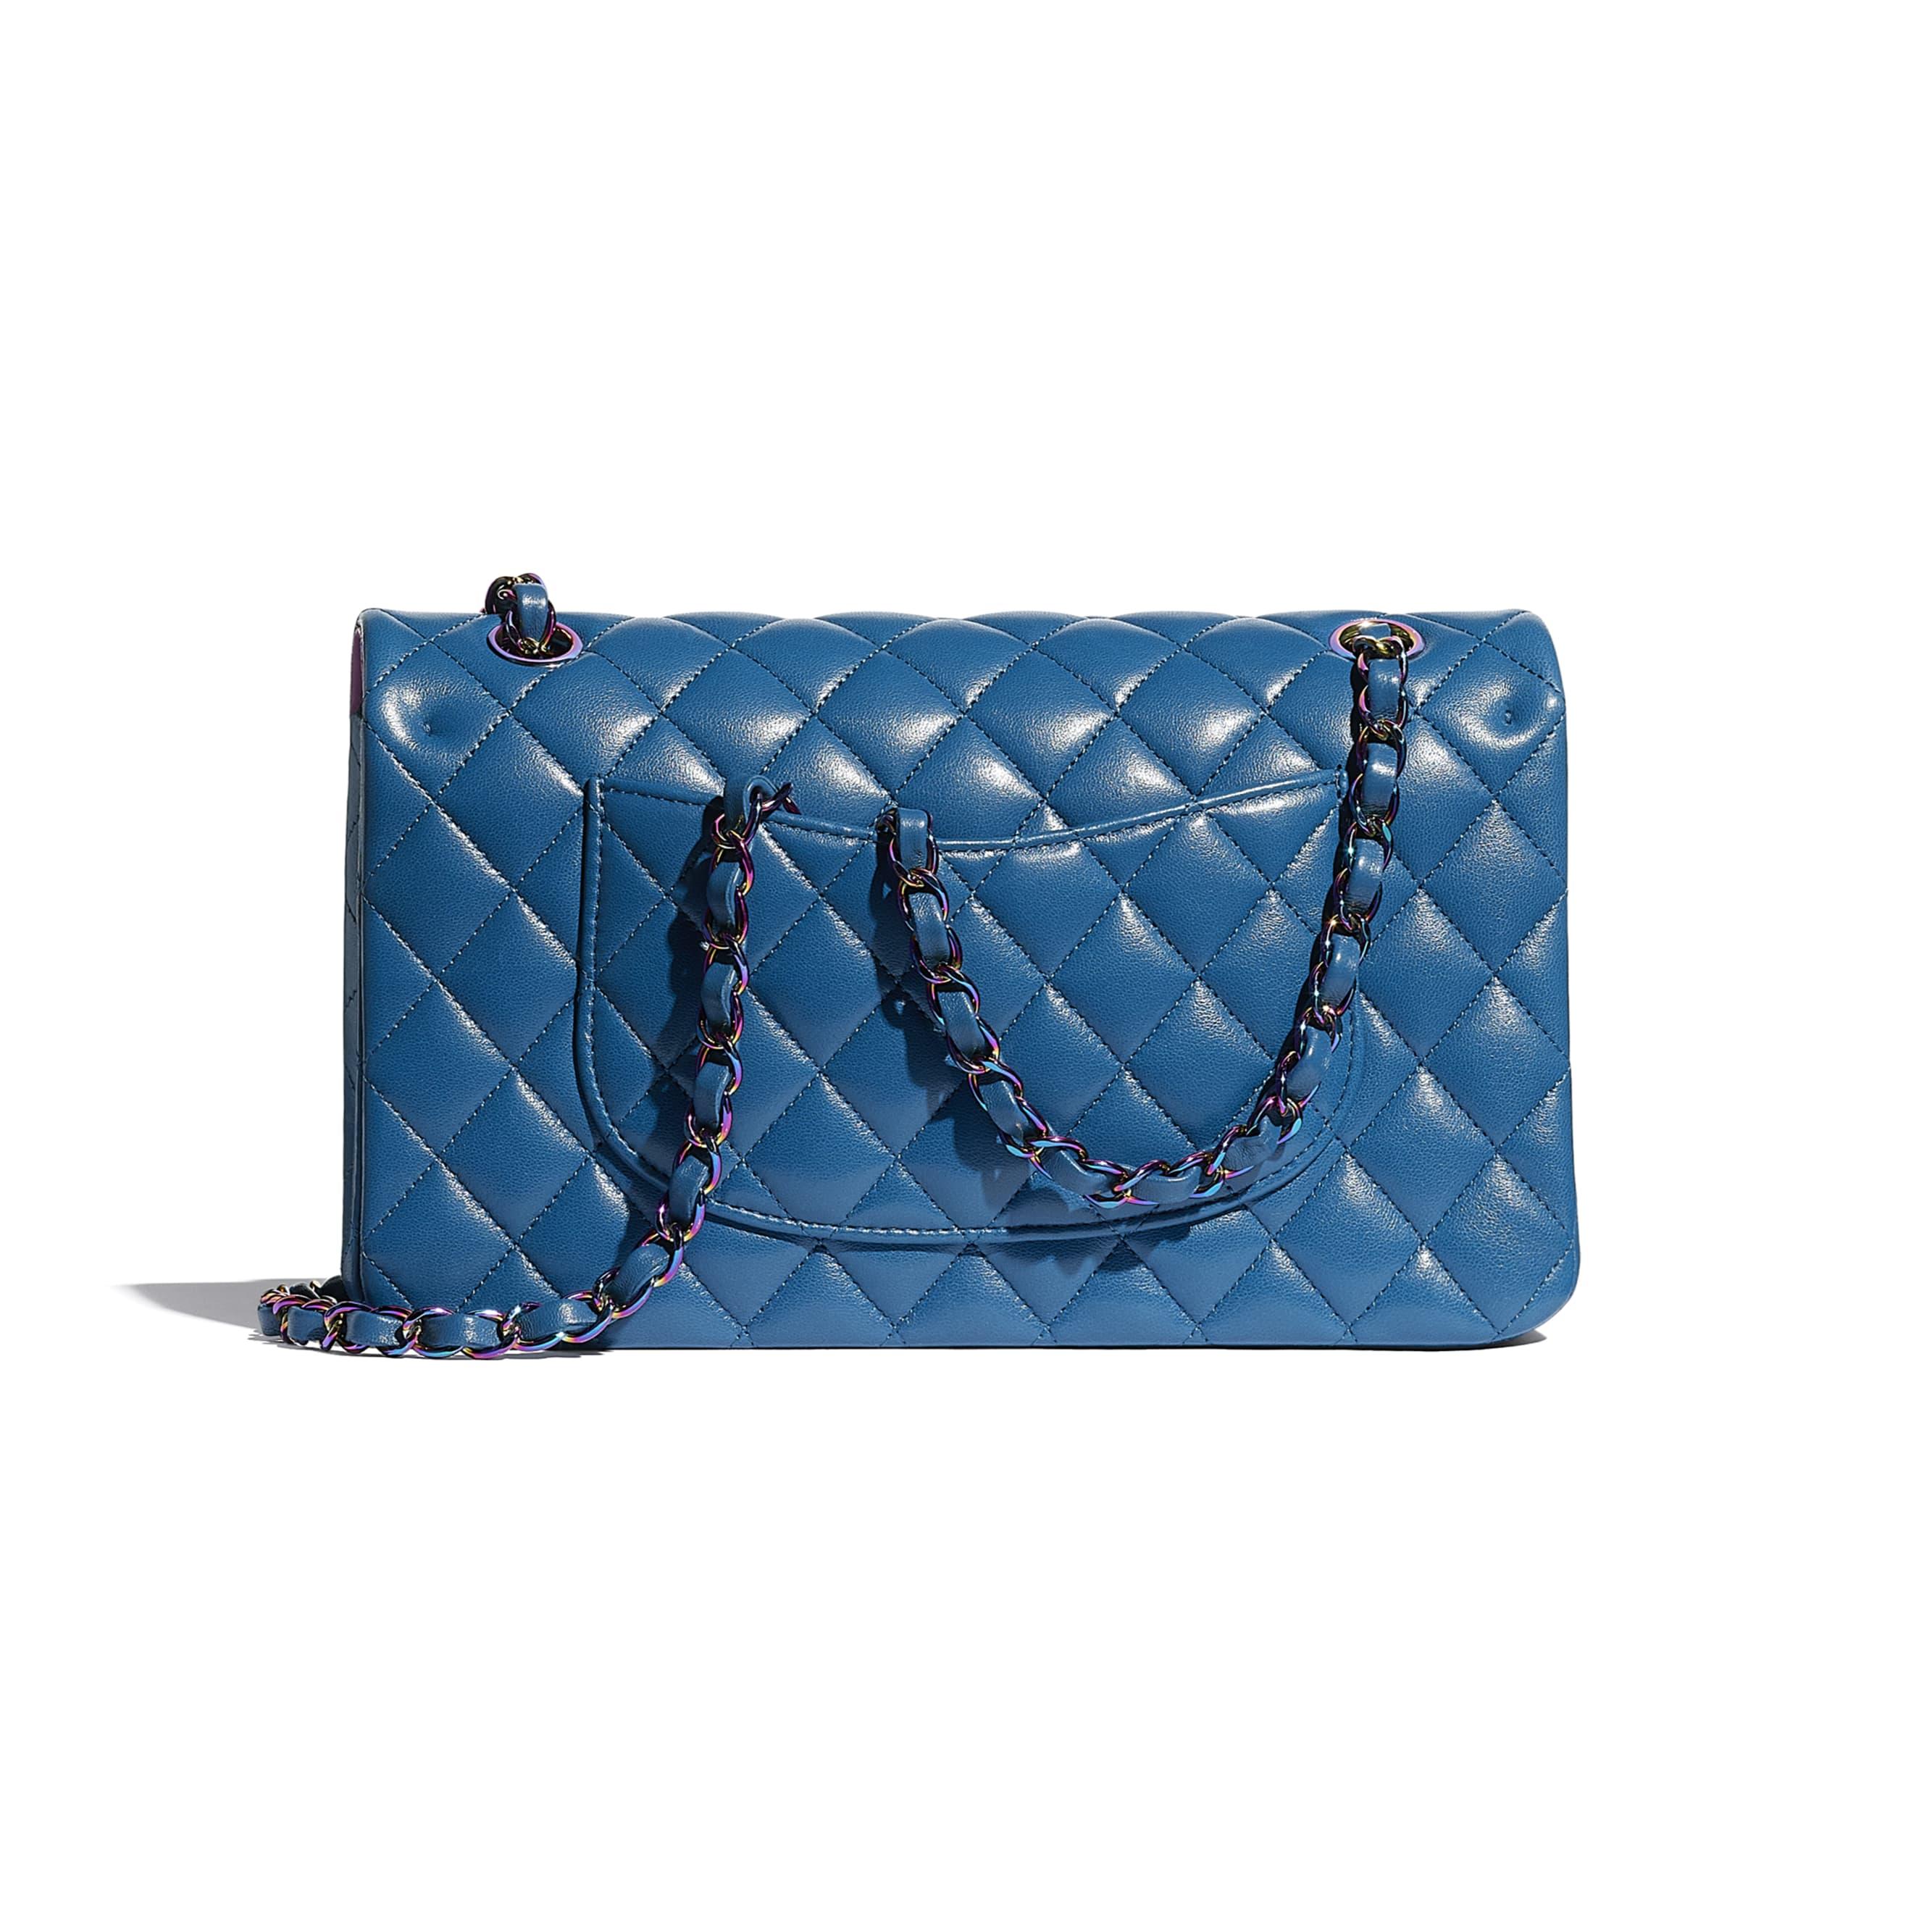 กระเป๋าสะพายคลาสสิก - สีฟ้า - หนังแกะและโลหะสีรุ้ง - CHANEL - มุมมองทางอื่น - ดูเวอร์ชันขนาดมาตรฐาน